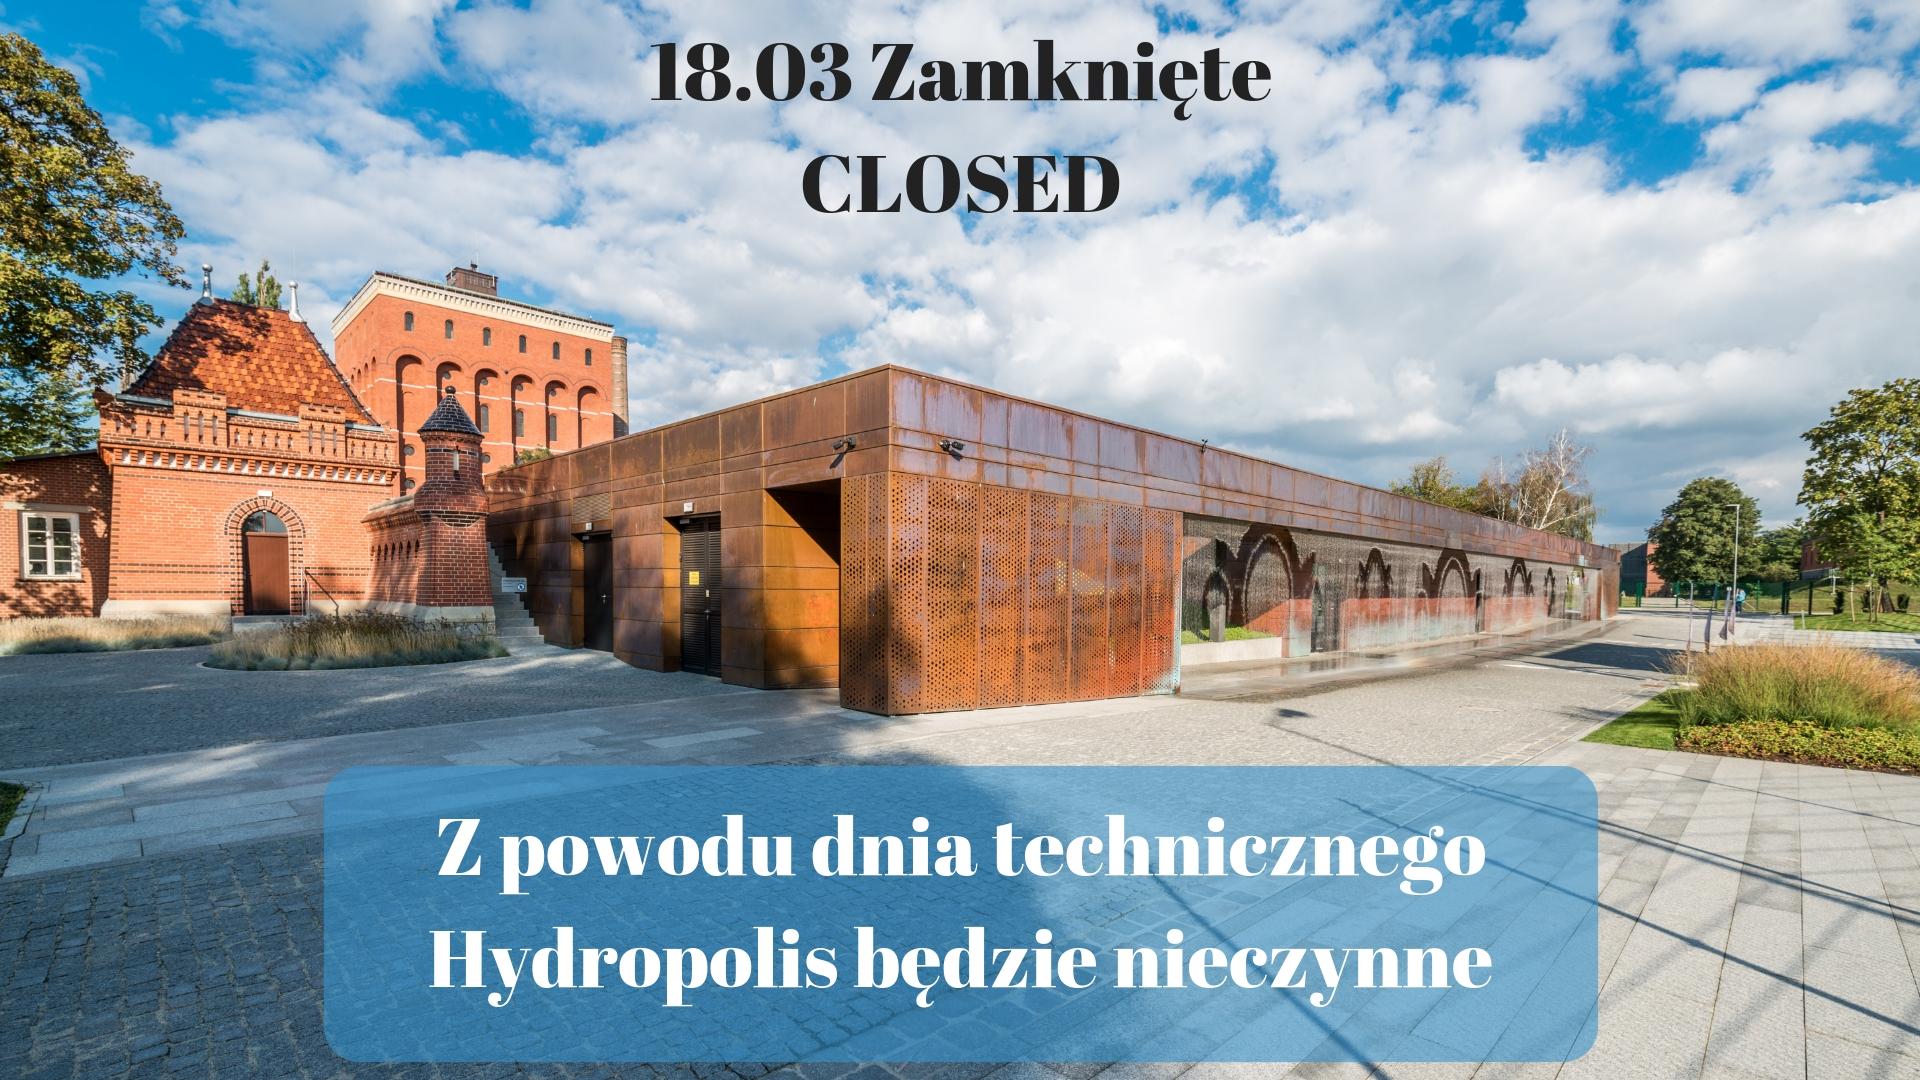 18.03 Hydropolis będzie zamknięte